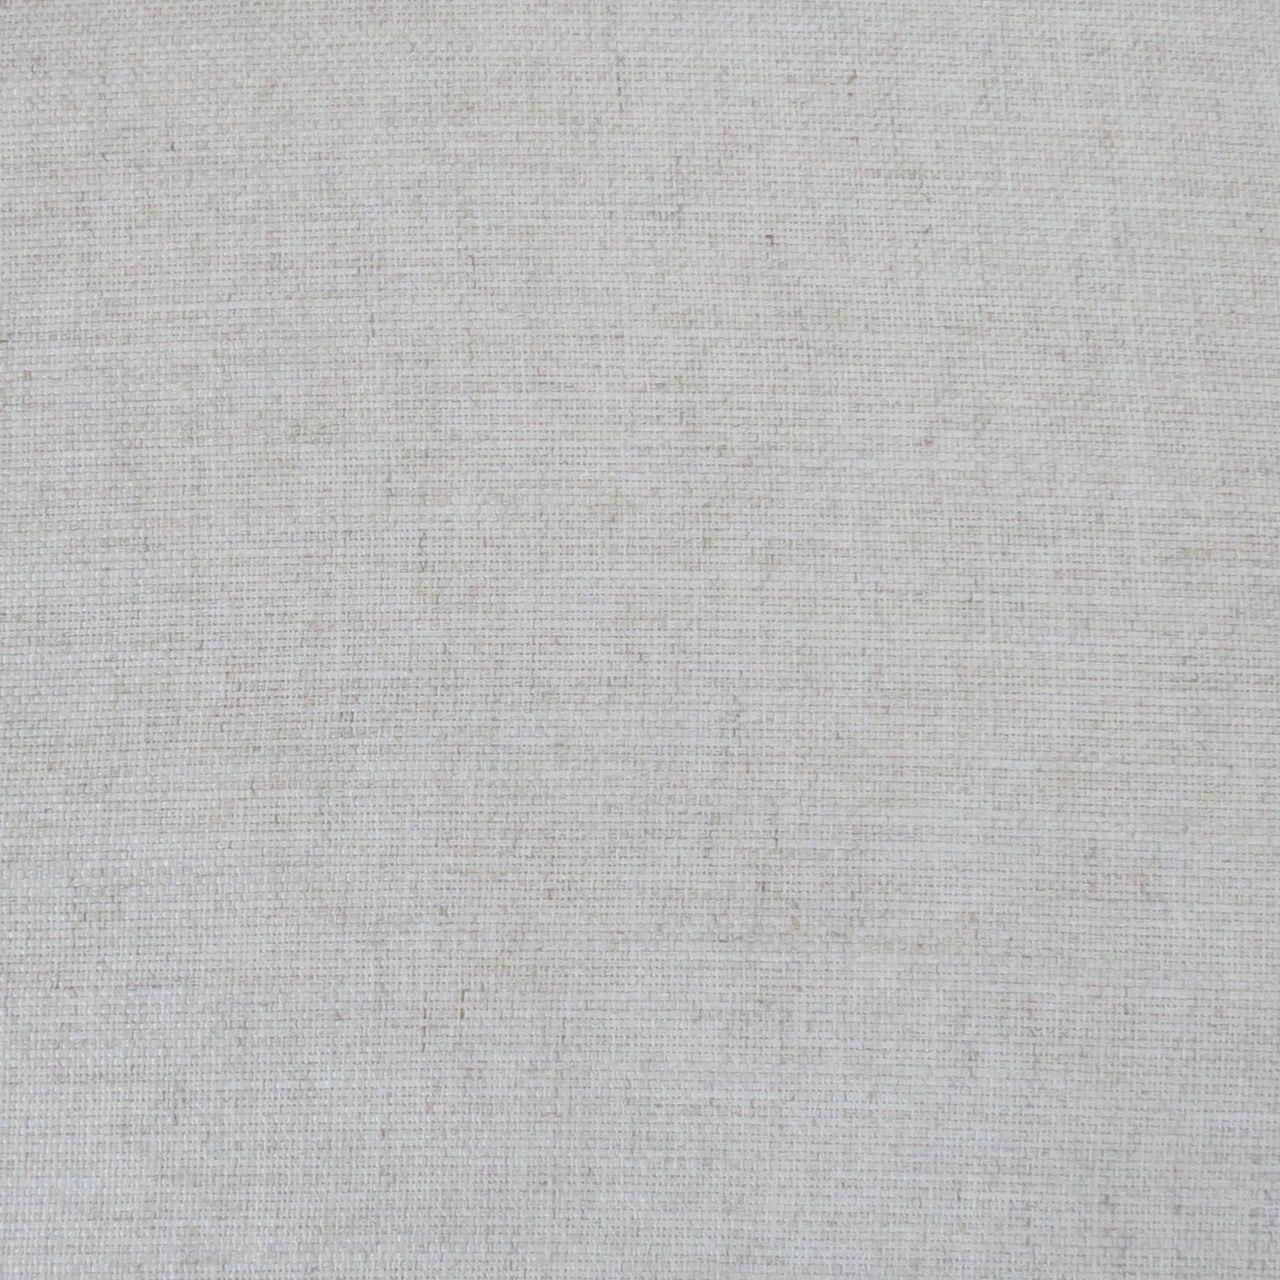 Lytham Linen Natural - 3